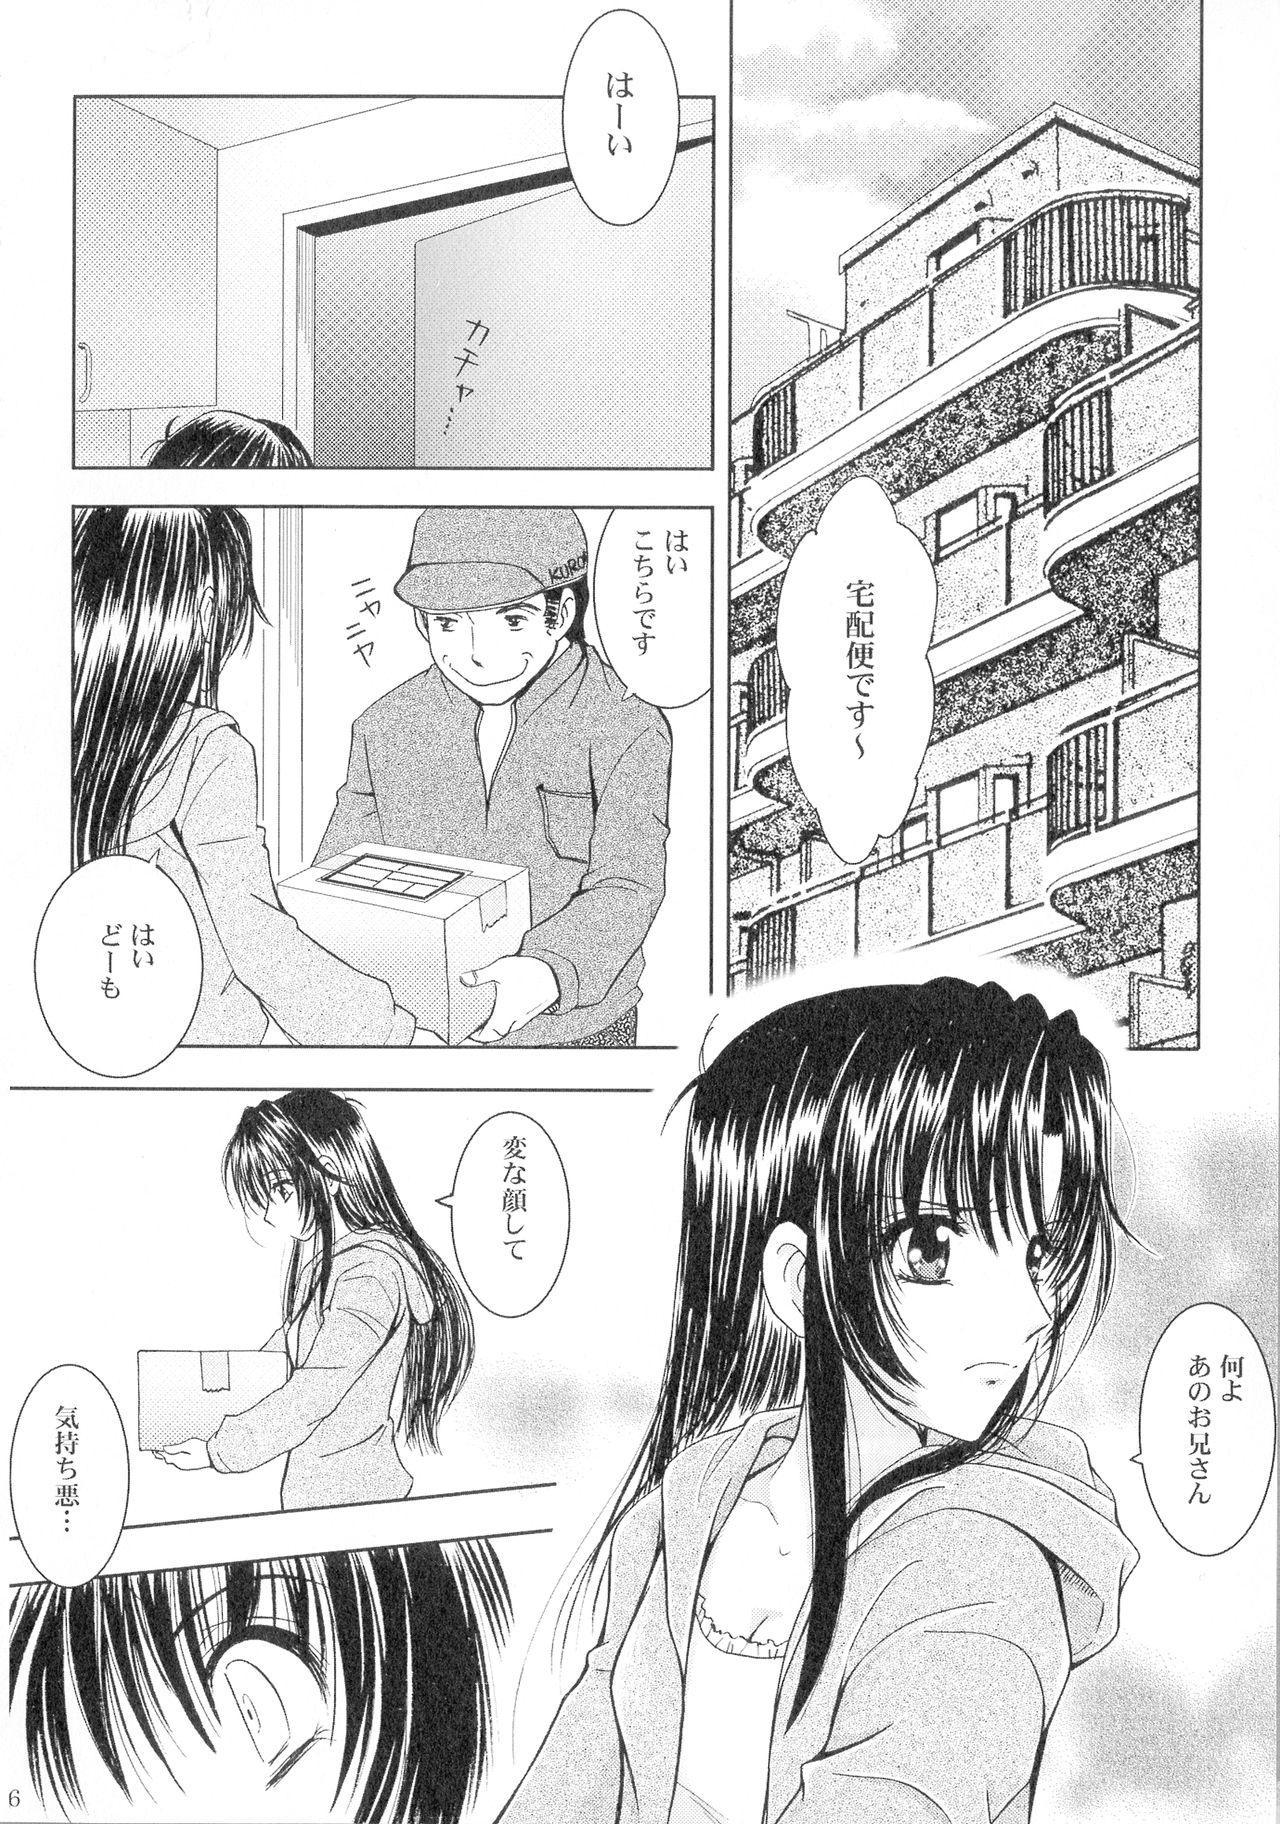 SEXY PANIC Sairoku-shuu VOL.3 5